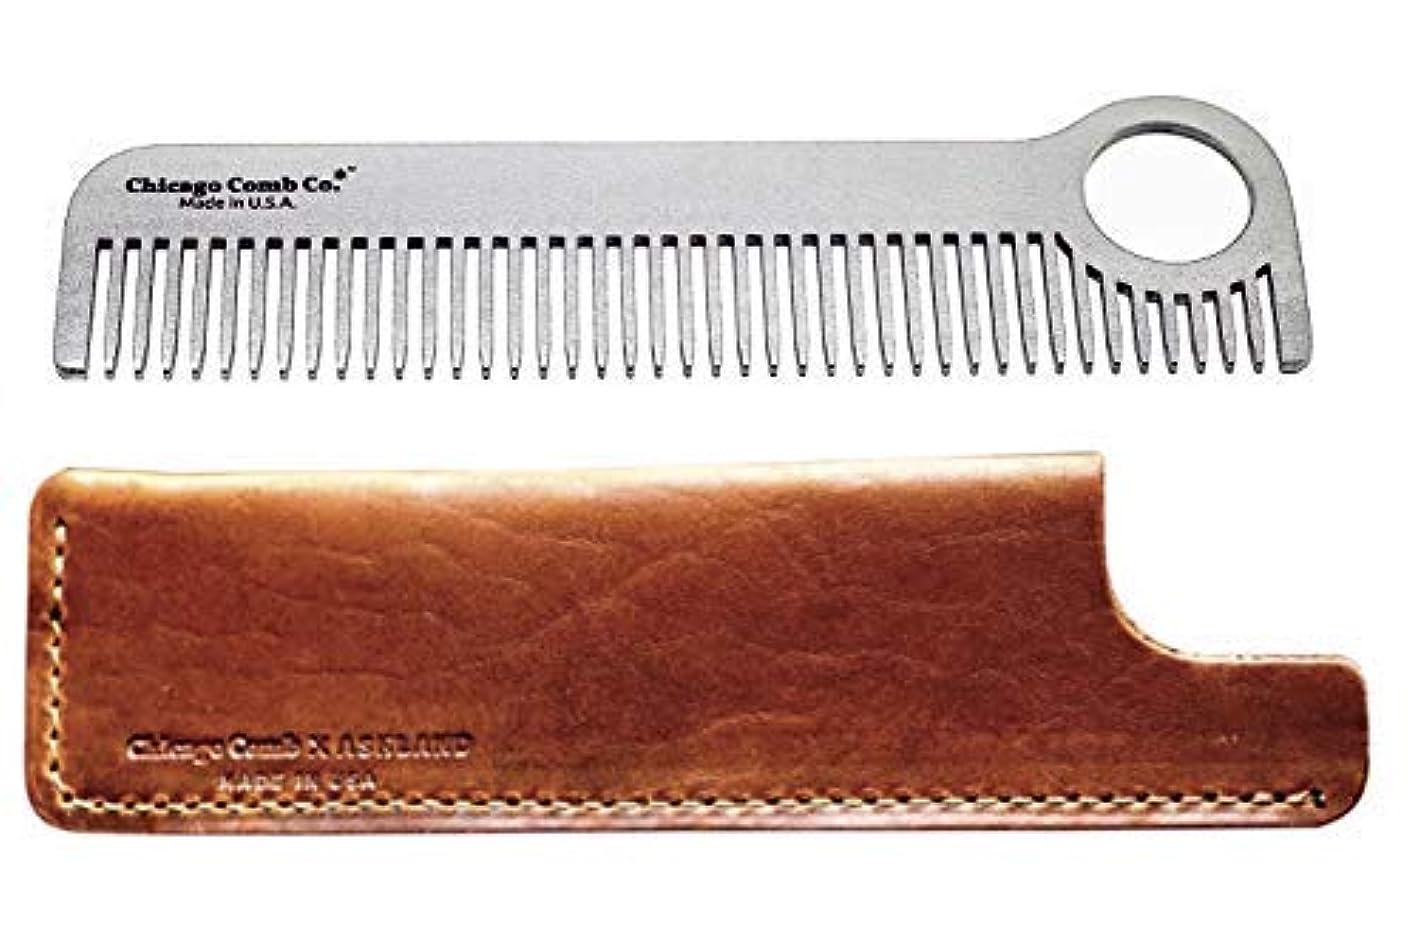 軍隊ローマ人万歳Chicago Comb Model 1 Stainless Steel + Horween Tan Leather Sheath, Made in USA, Ultra-Smooth, Durable, Anti-Static...